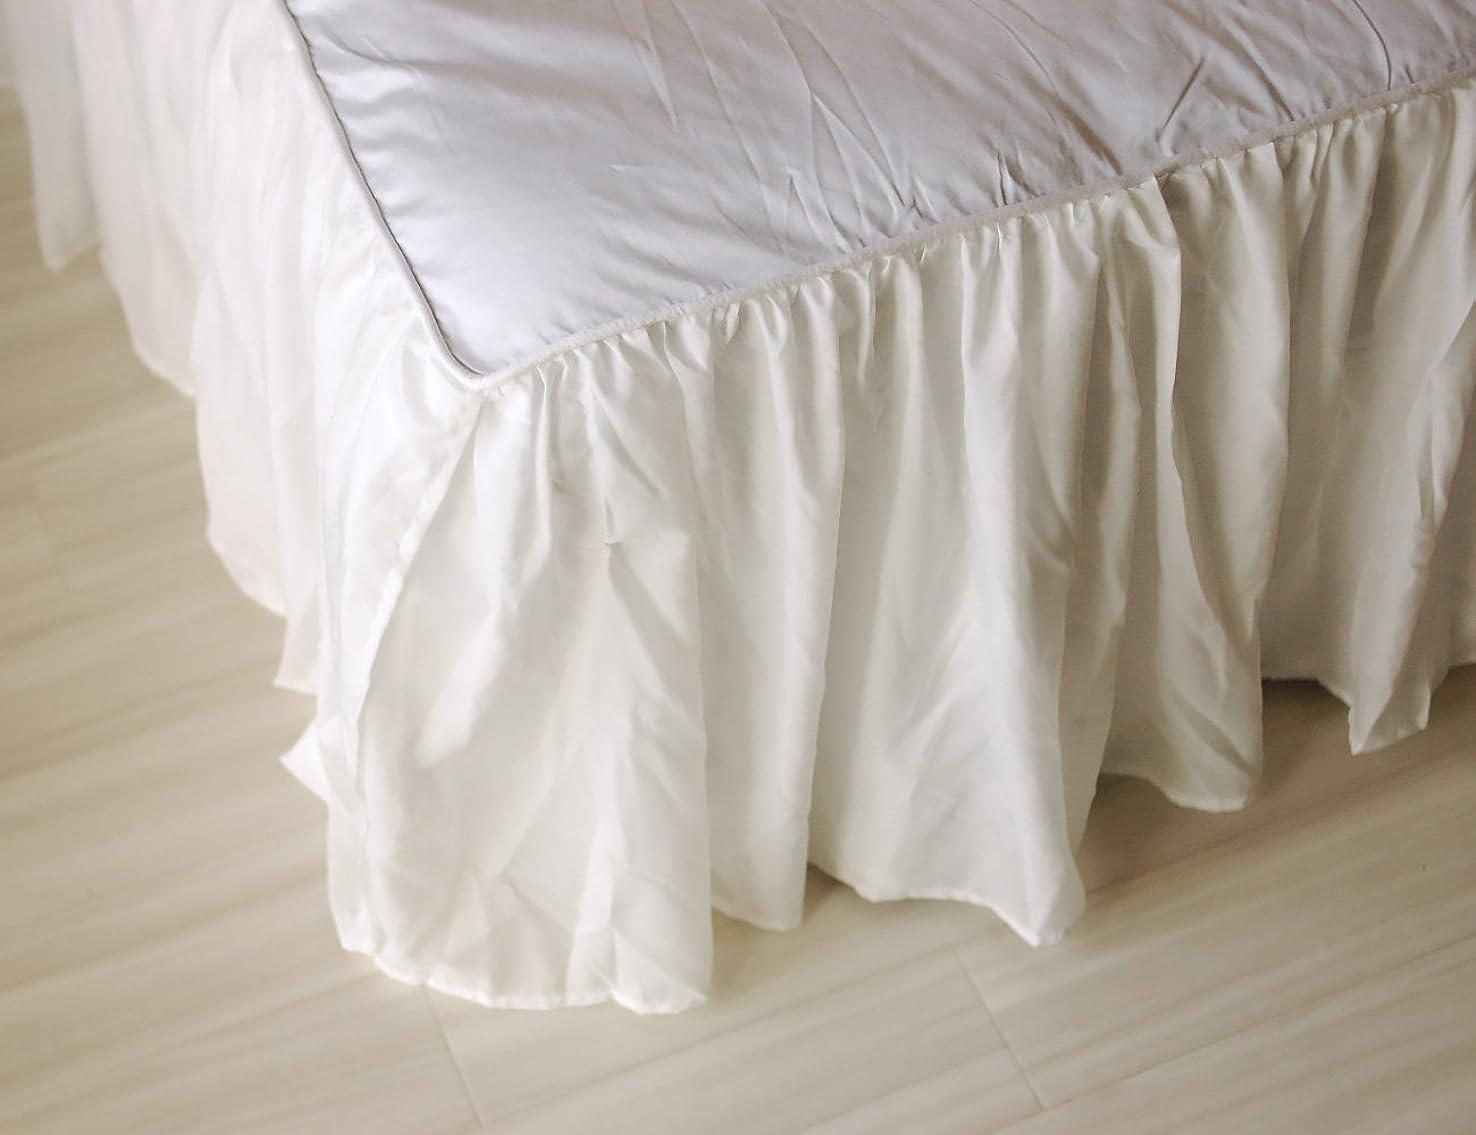 起こるタフペイントレイヤードベッドスカート アウトレット ベッドシーツ スカート かわいい シフォン (ワイドダブル)